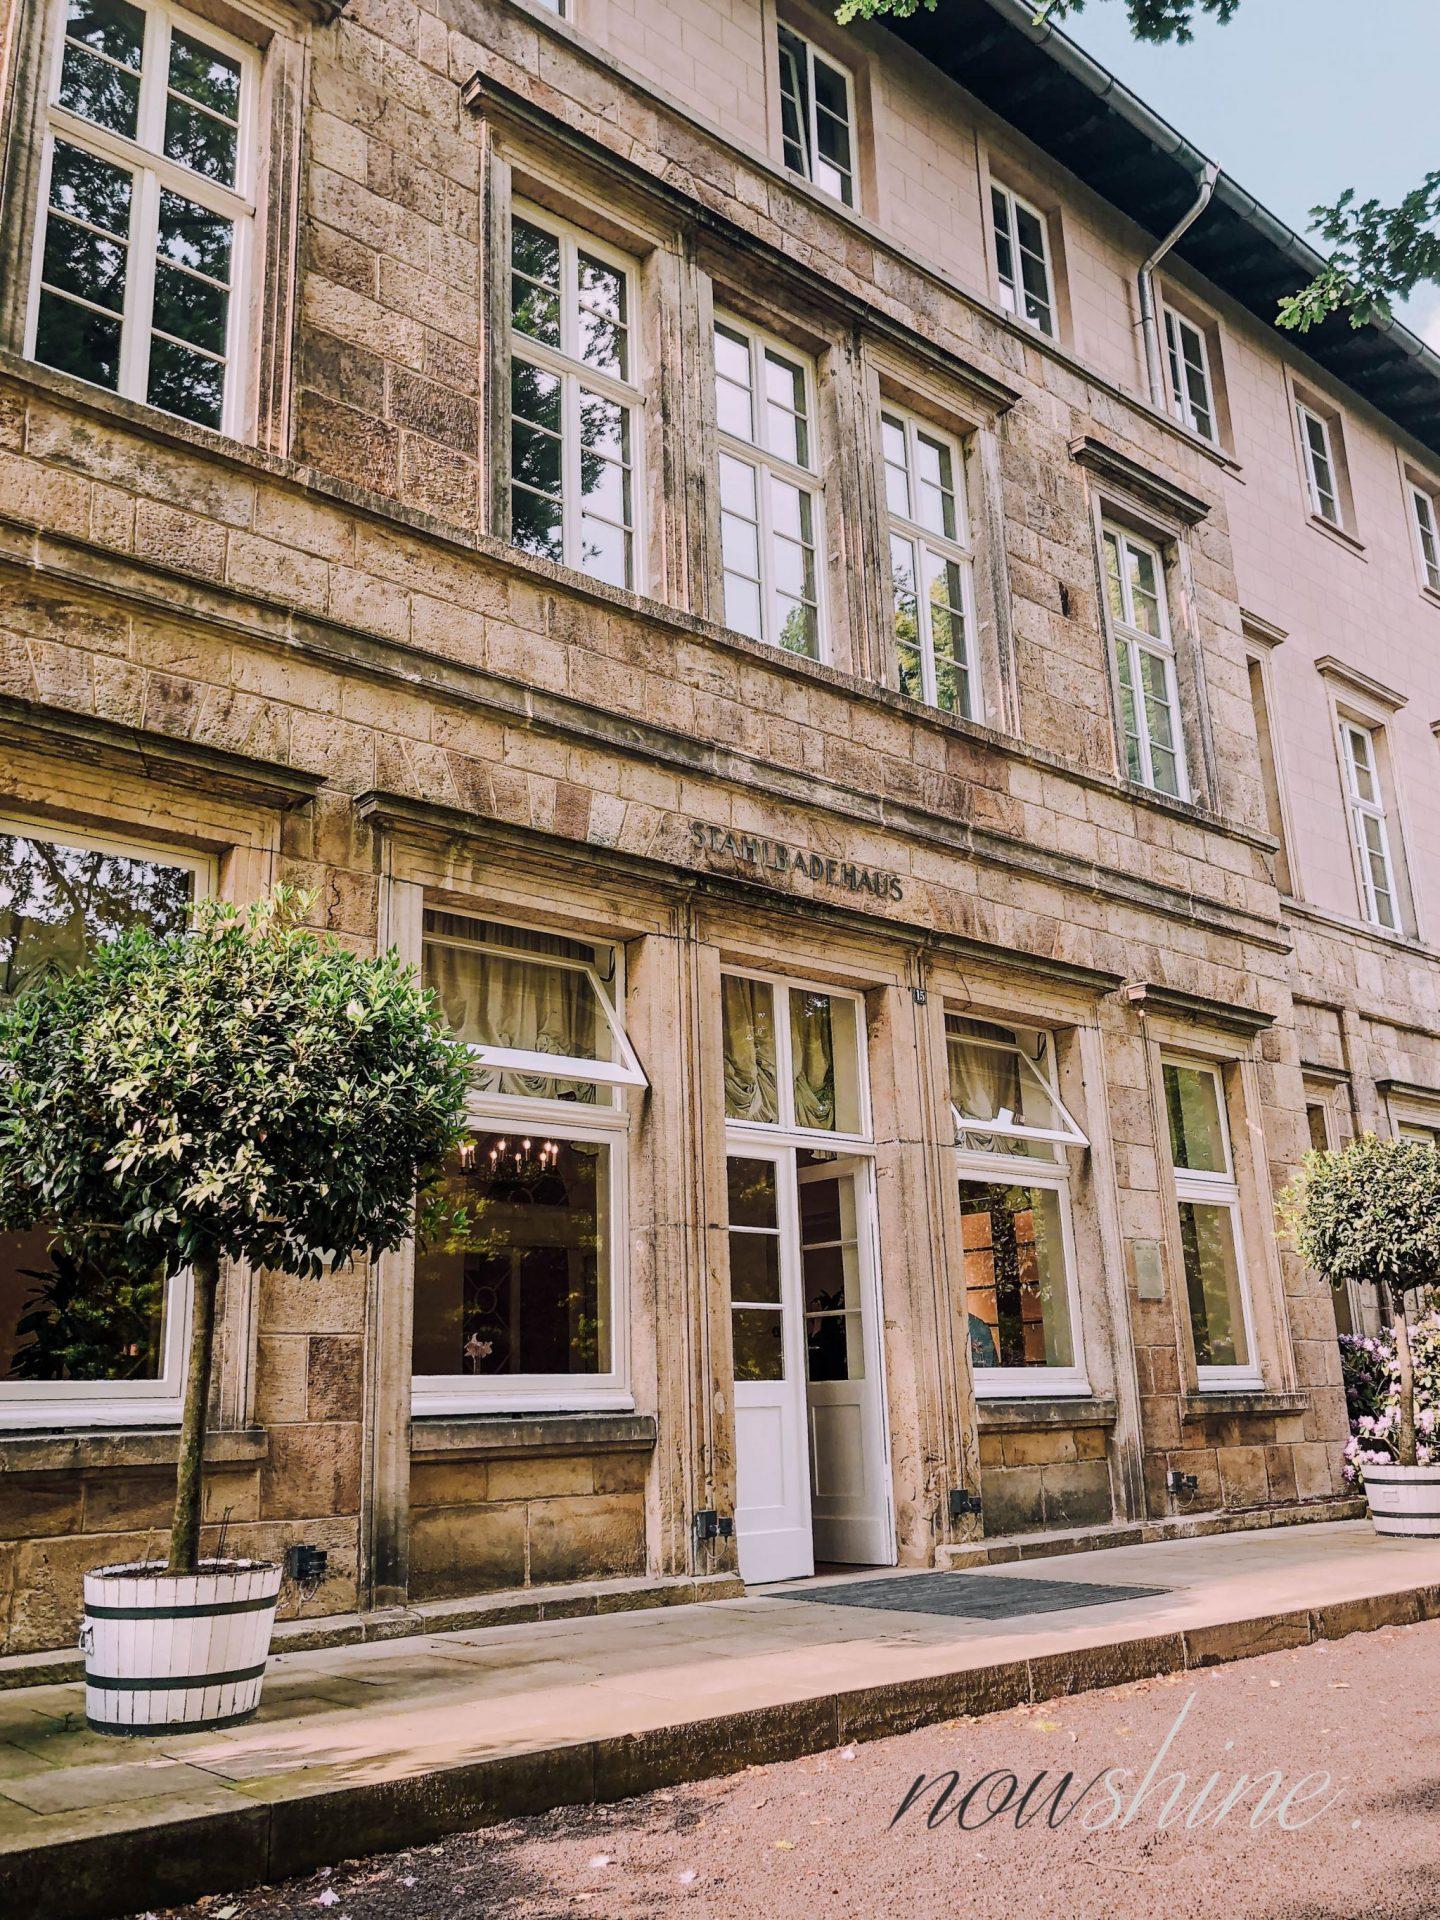 Luxuriöser Kurzurlaub im Relax- und Wellness Hotel Gräflicher Park Bad Uriburg - Ayurveda Haus - Nowshine ü 40 Reiseblog